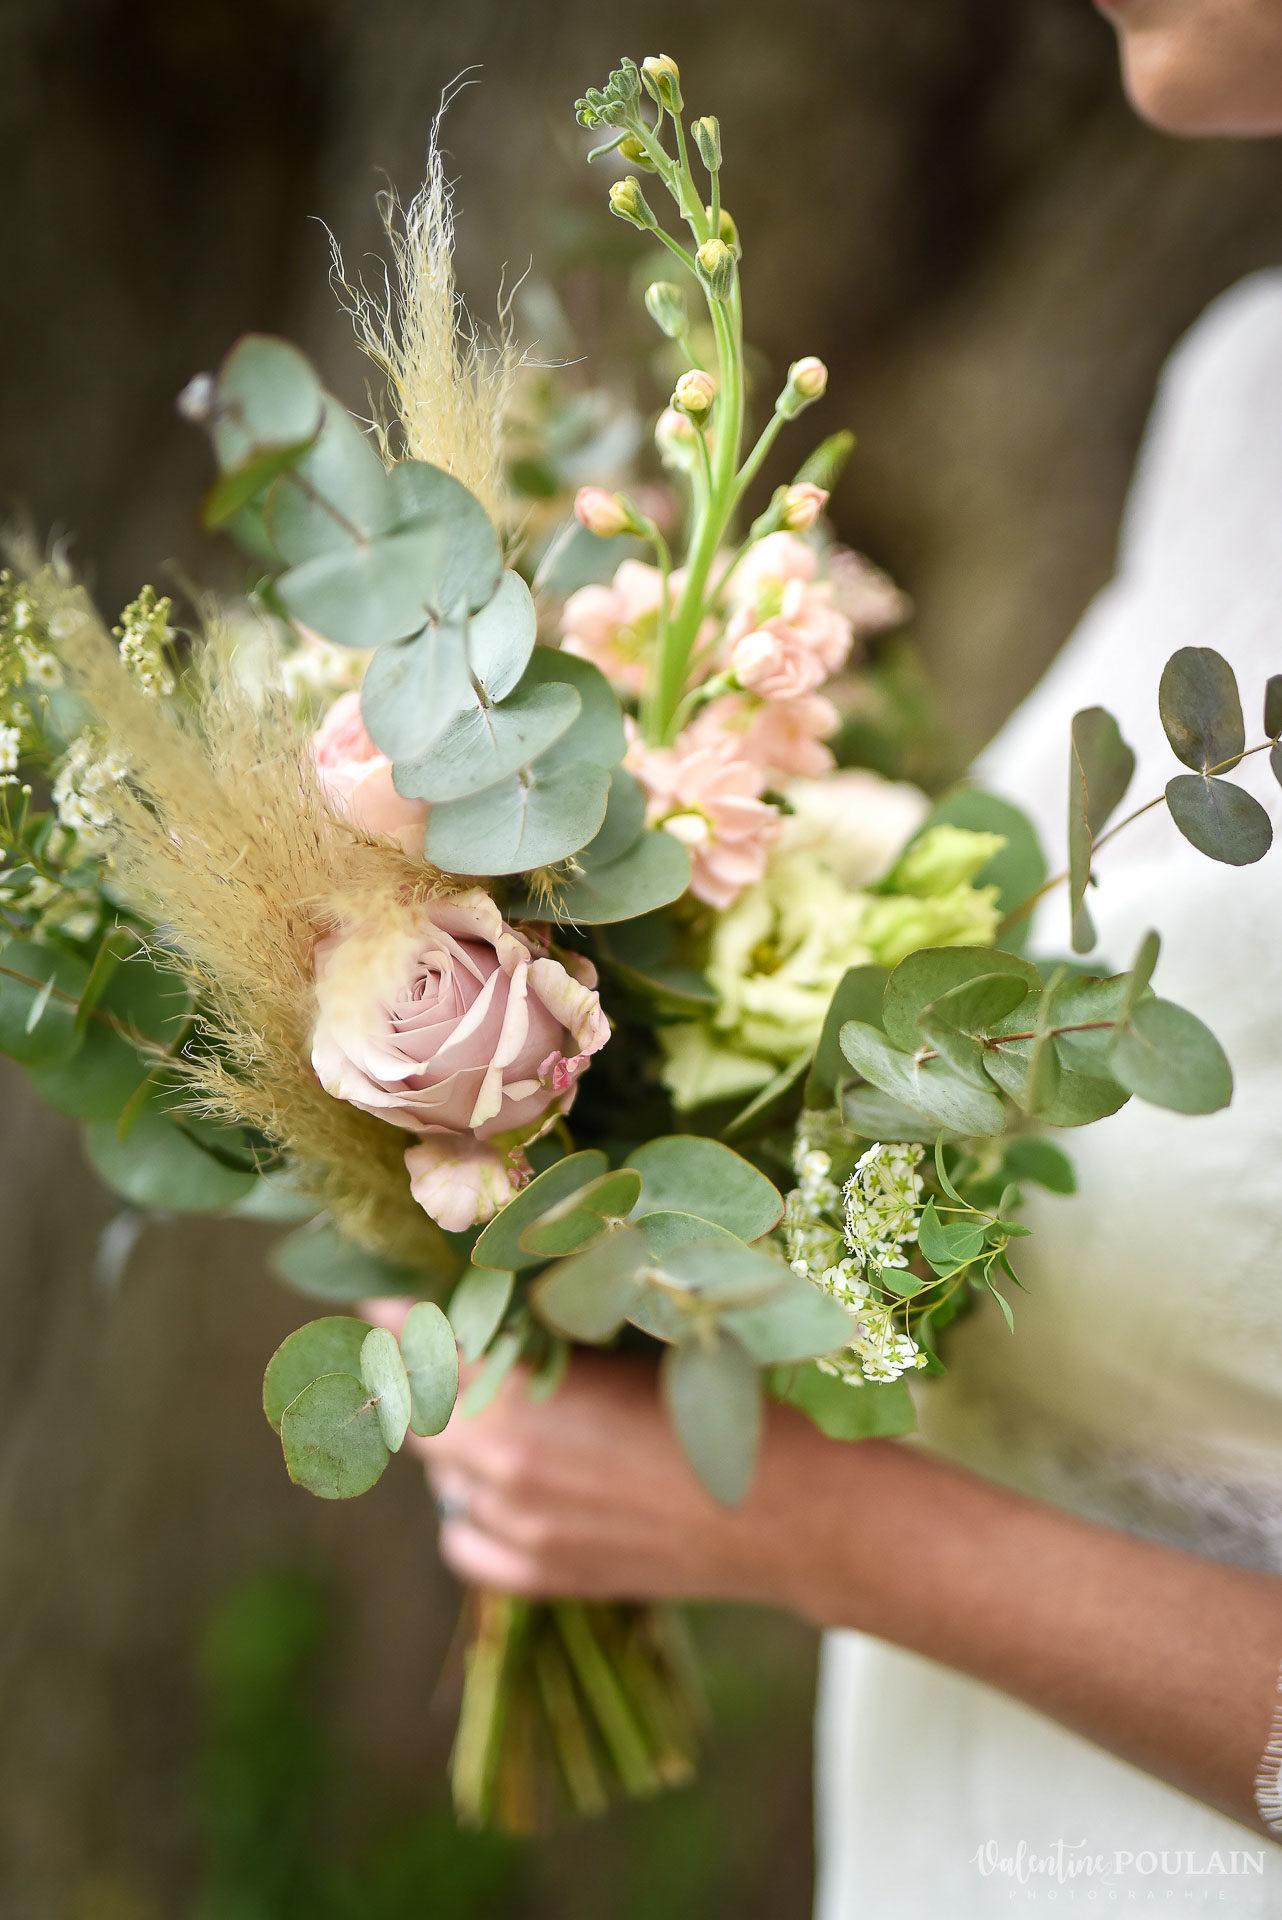 Mariage cité du train fleurs - Valentine Poulain